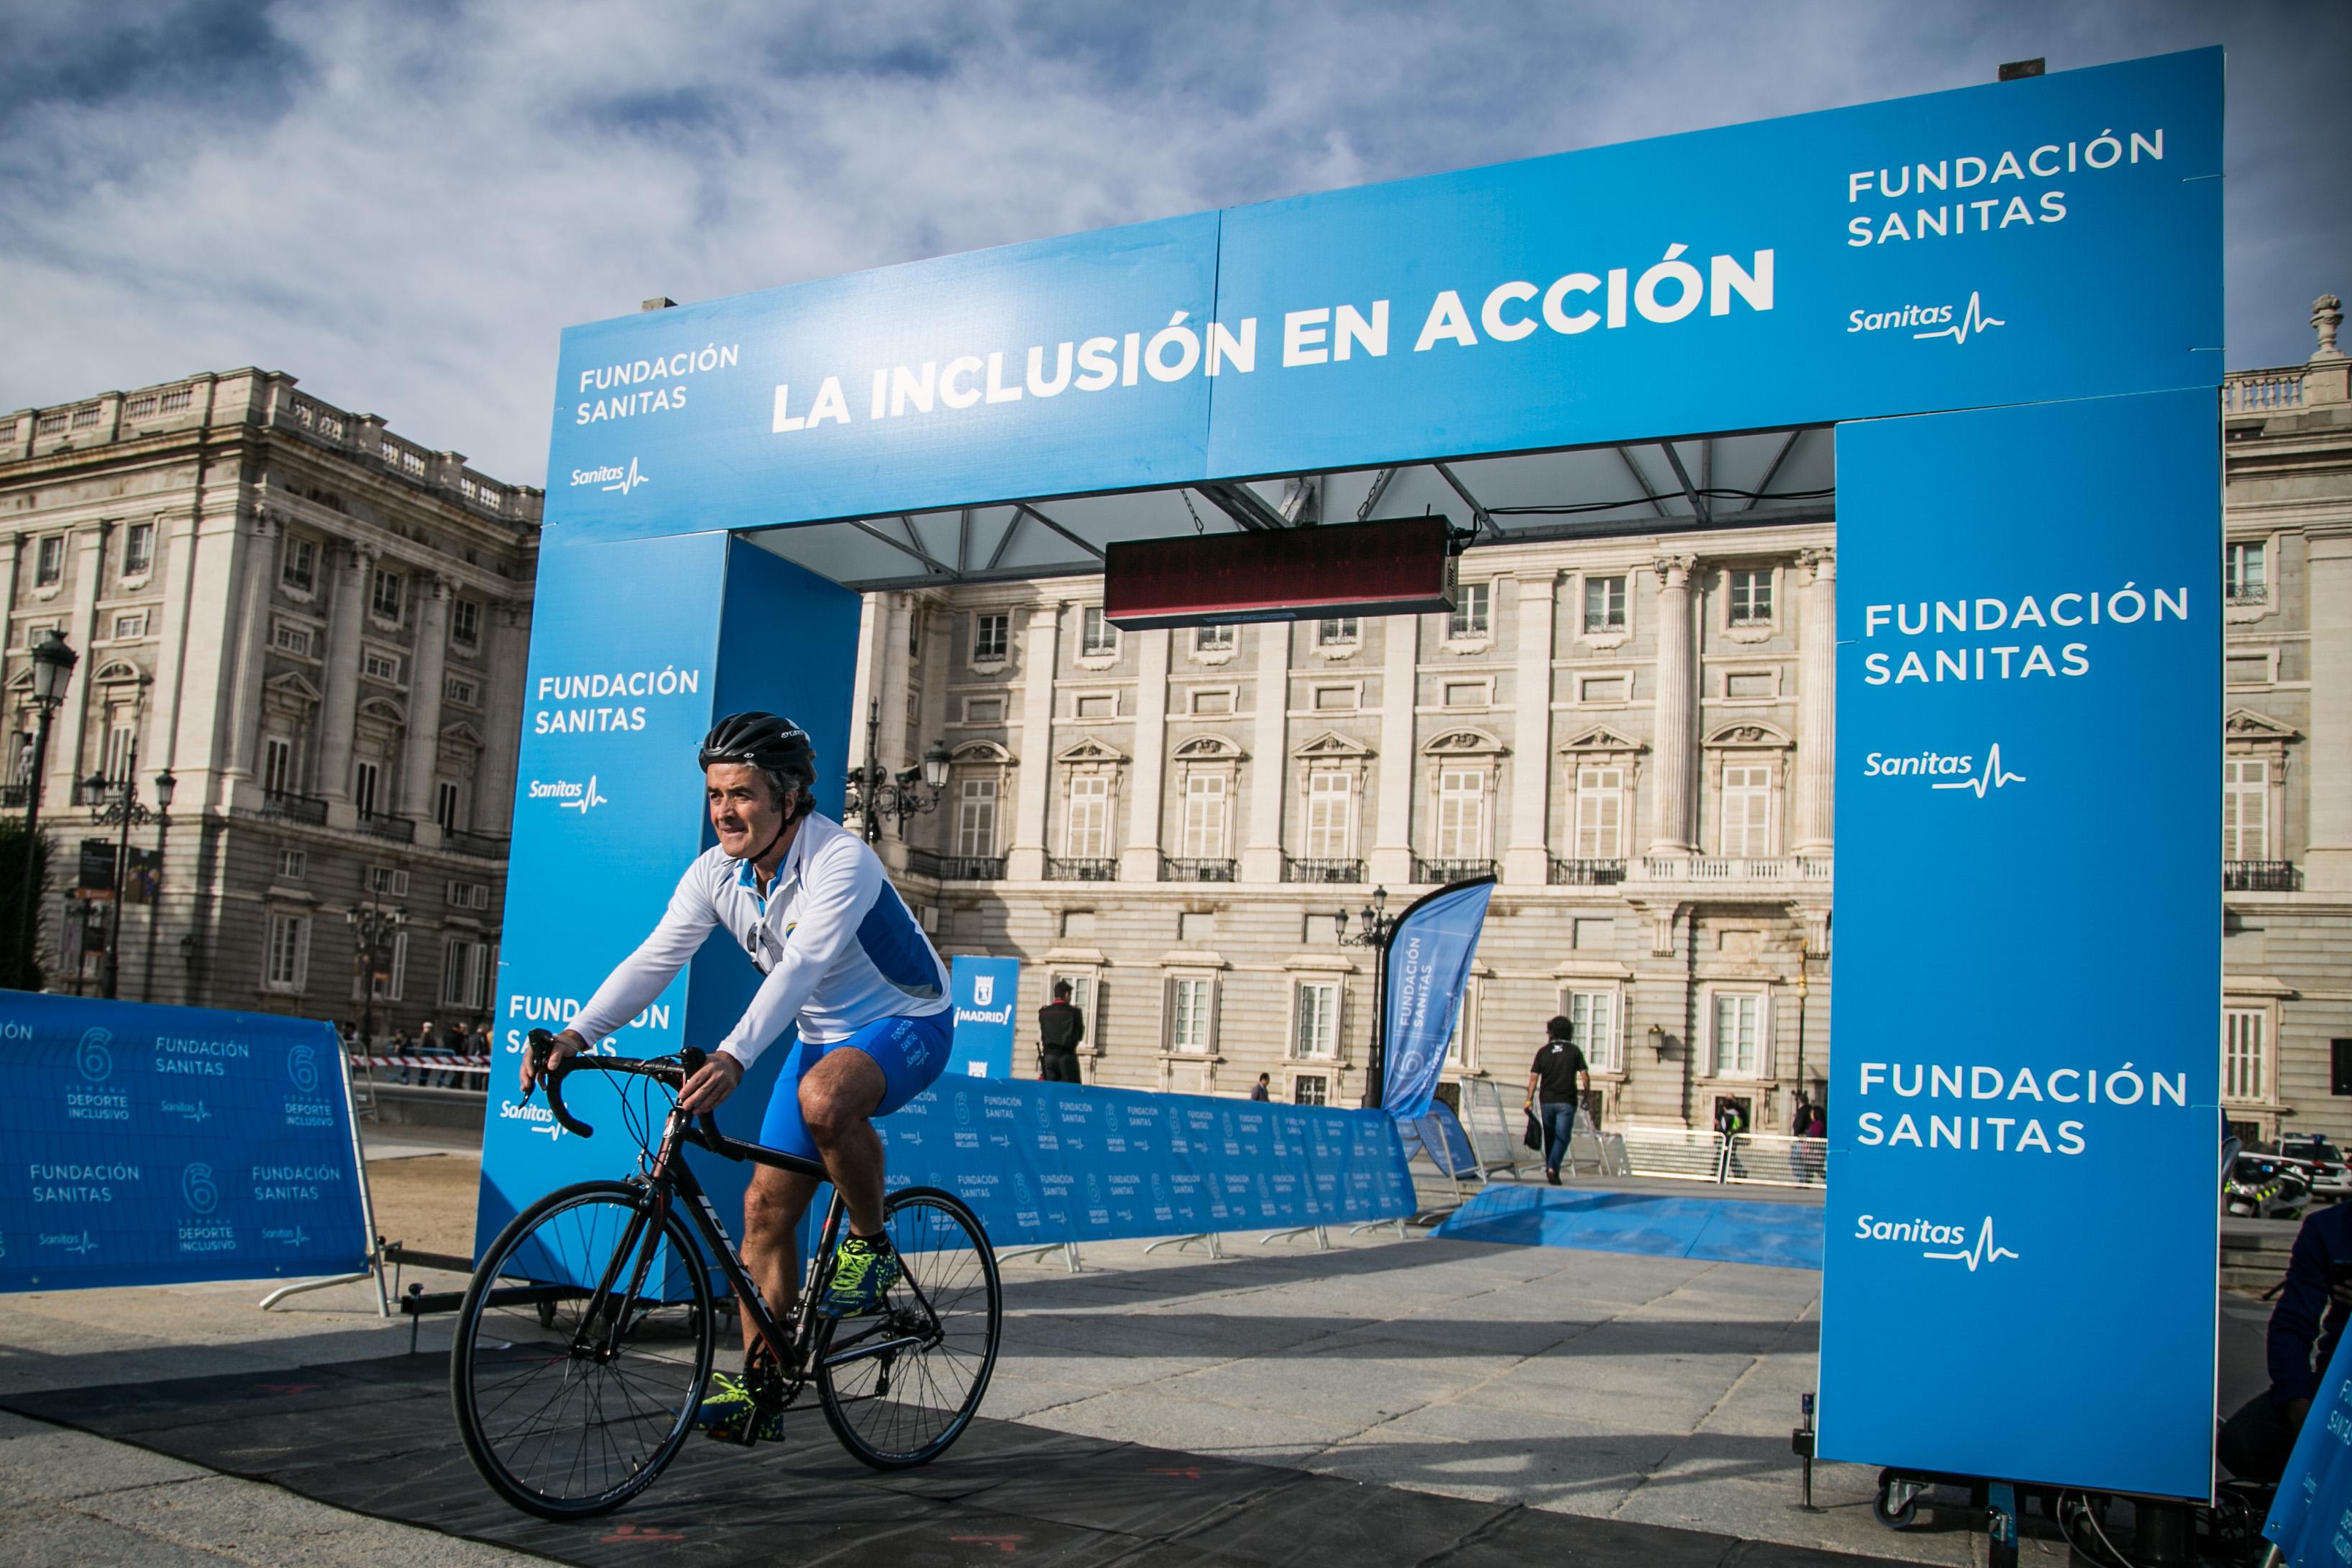 Los participantes en la cronoescalada de la VI Semana del Deporte Inclusivo de la Fundación Sanitas